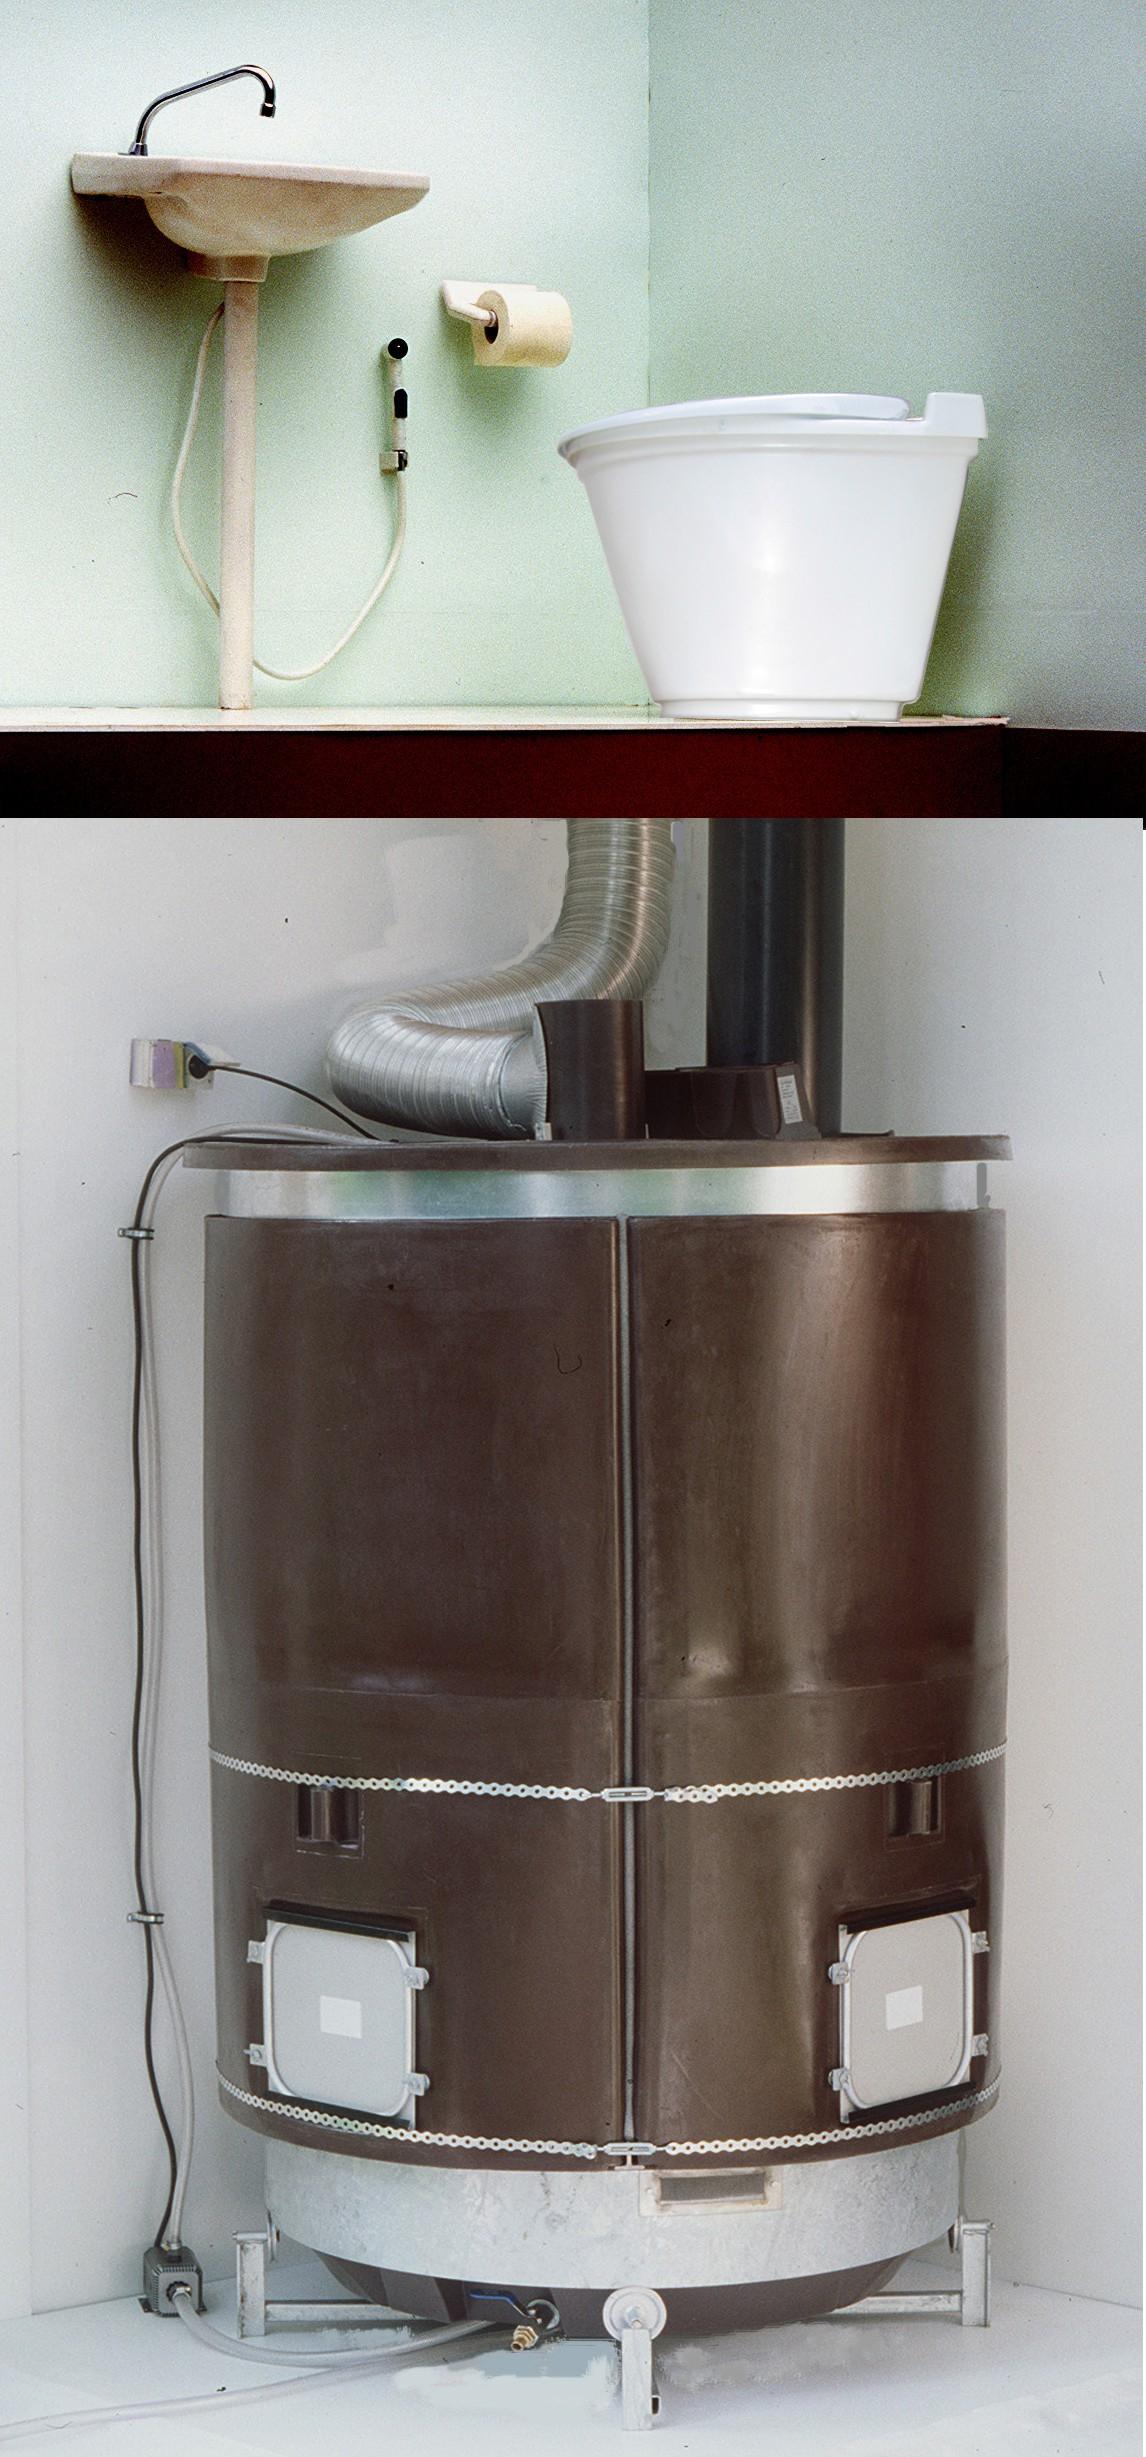 Toilette Sèche À Compost Yv Ekolet - Toilette Sèche dedans Toilette Seche Interieur